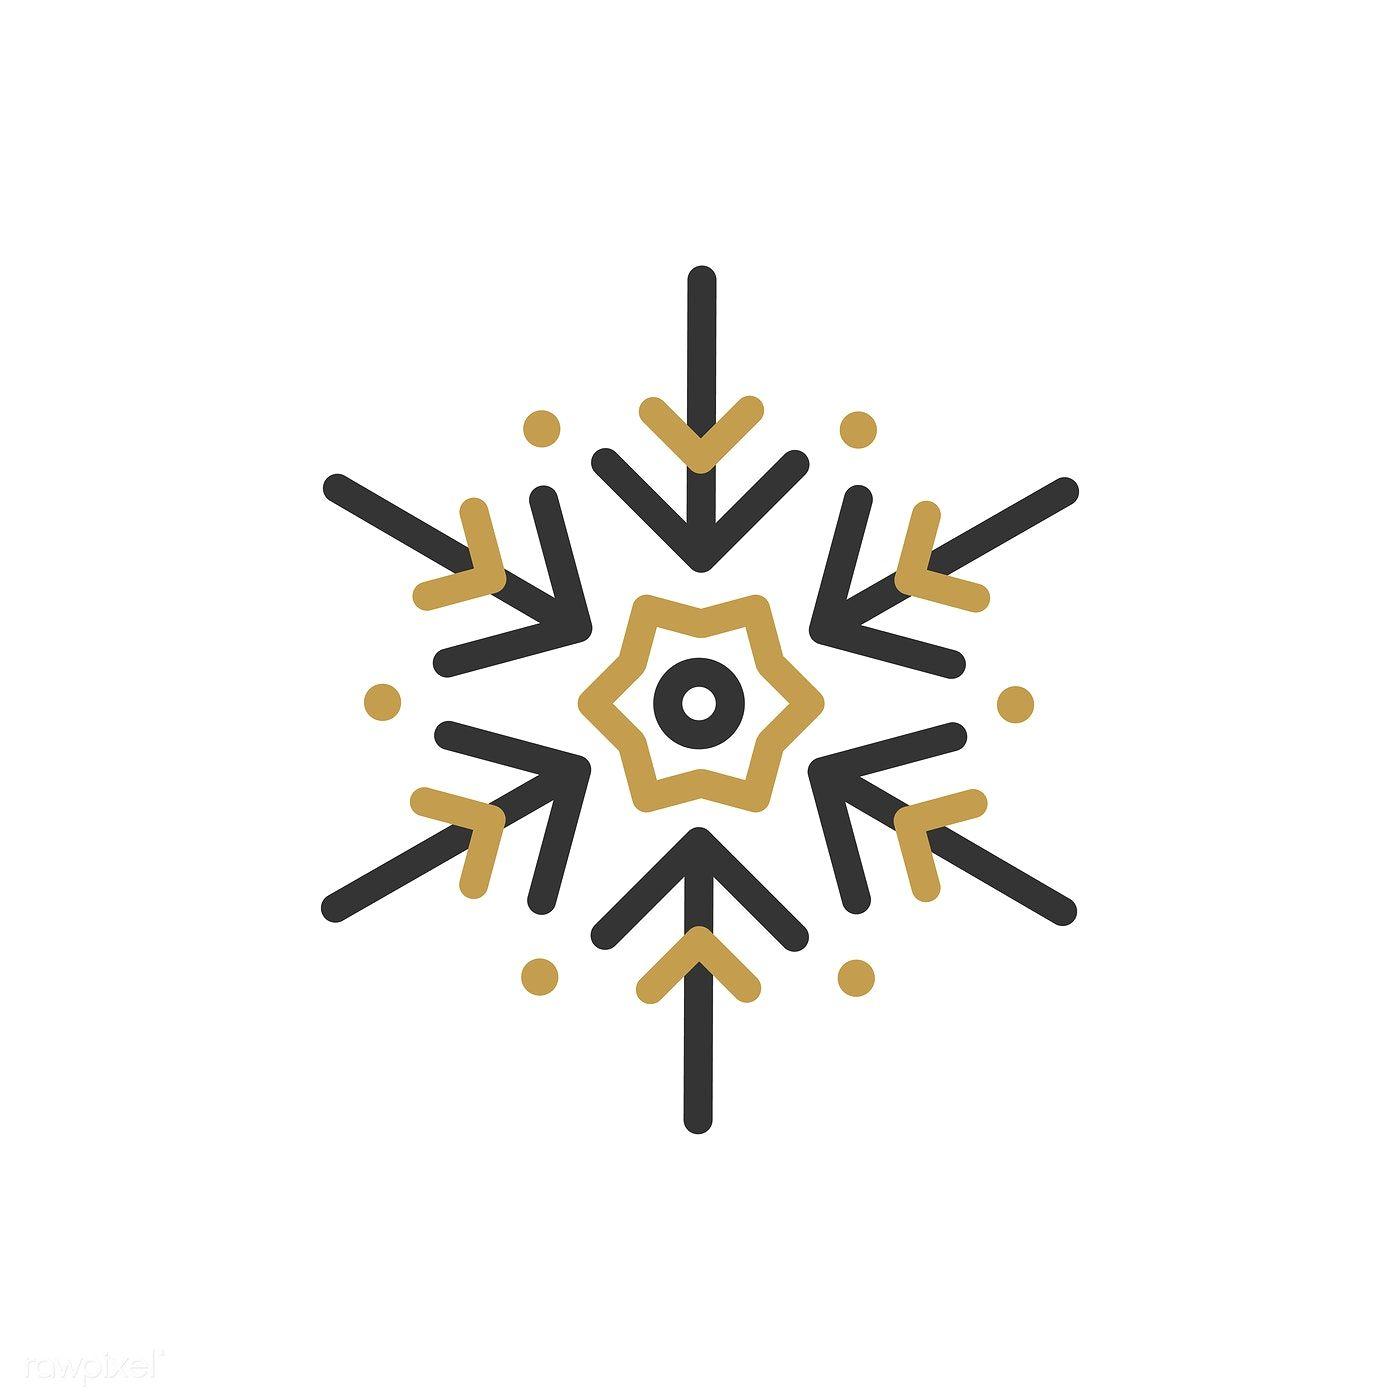 Single snowflake Christmas design vector